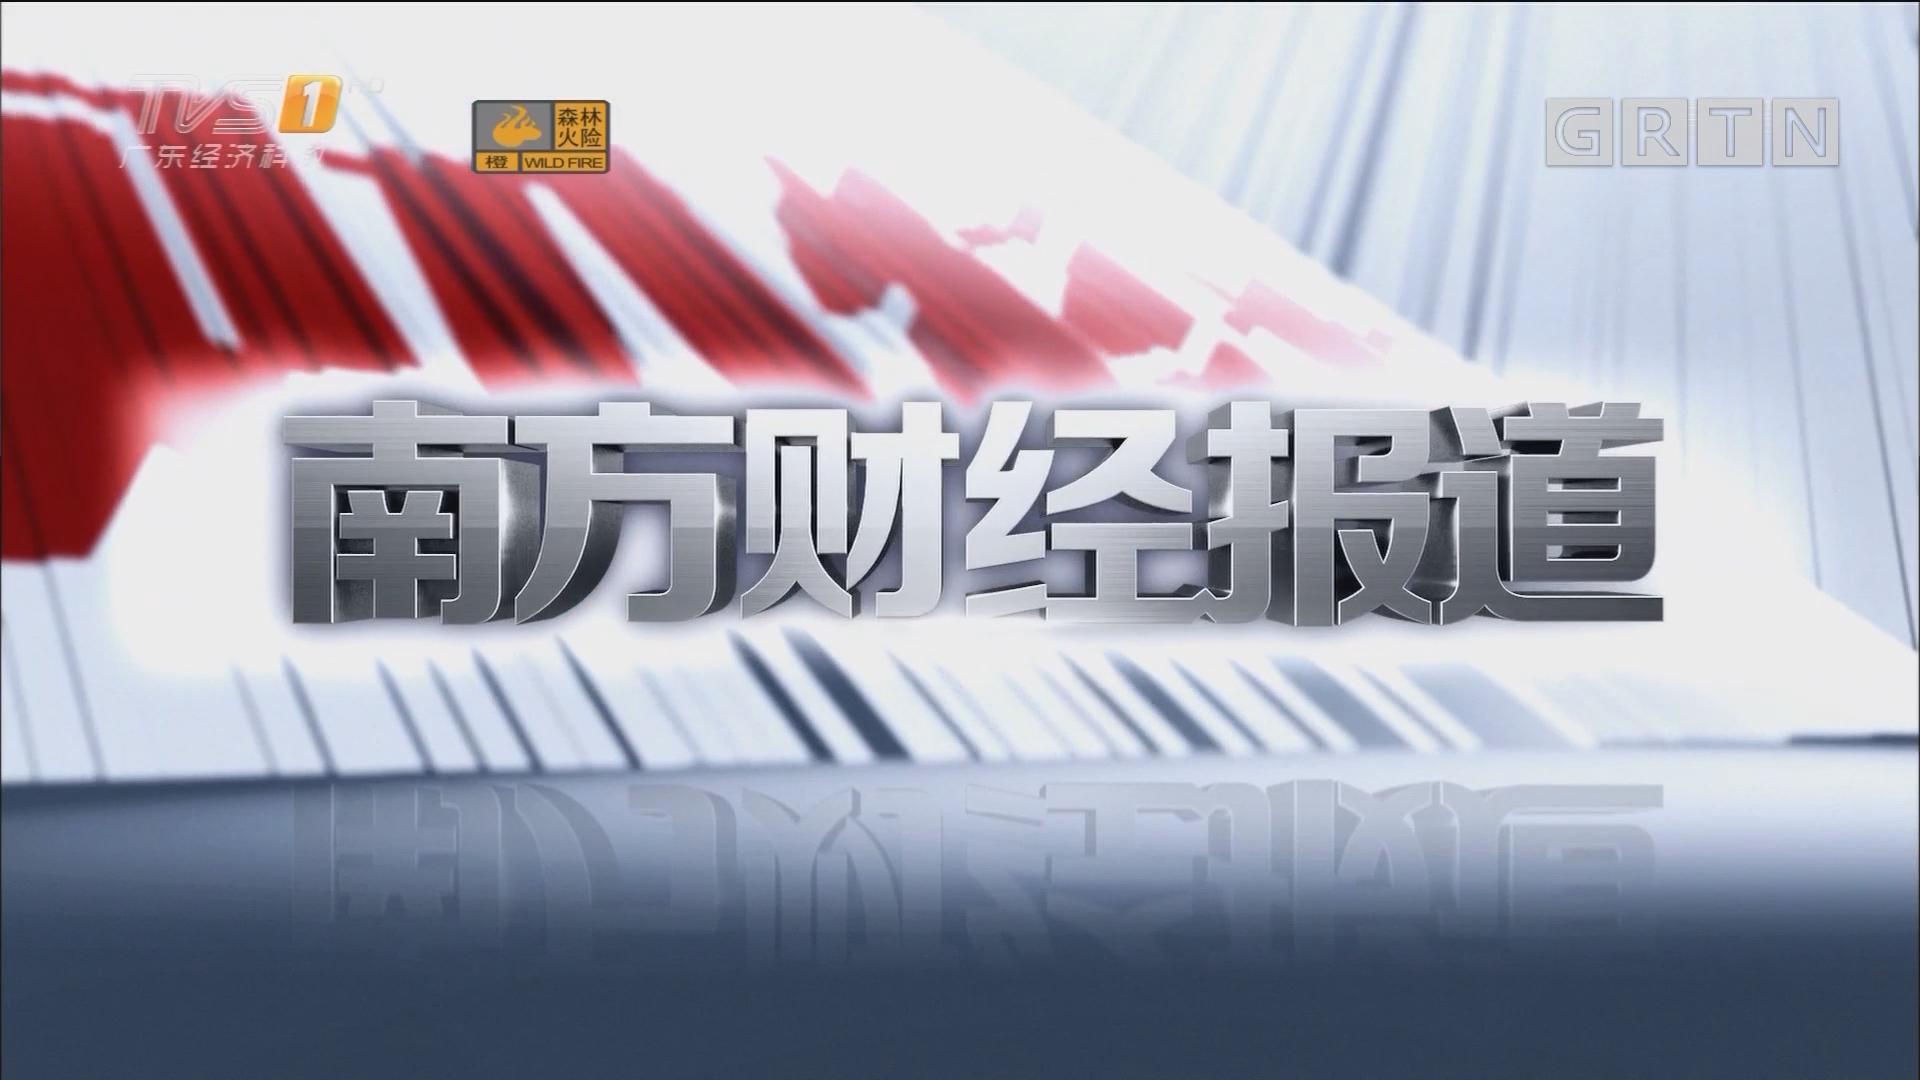 [HD][2017-12-13]南方财经报道:南京大屠杀死难者国家公祭仪式在南京举行 习近平出席仪式 俞正声讲话